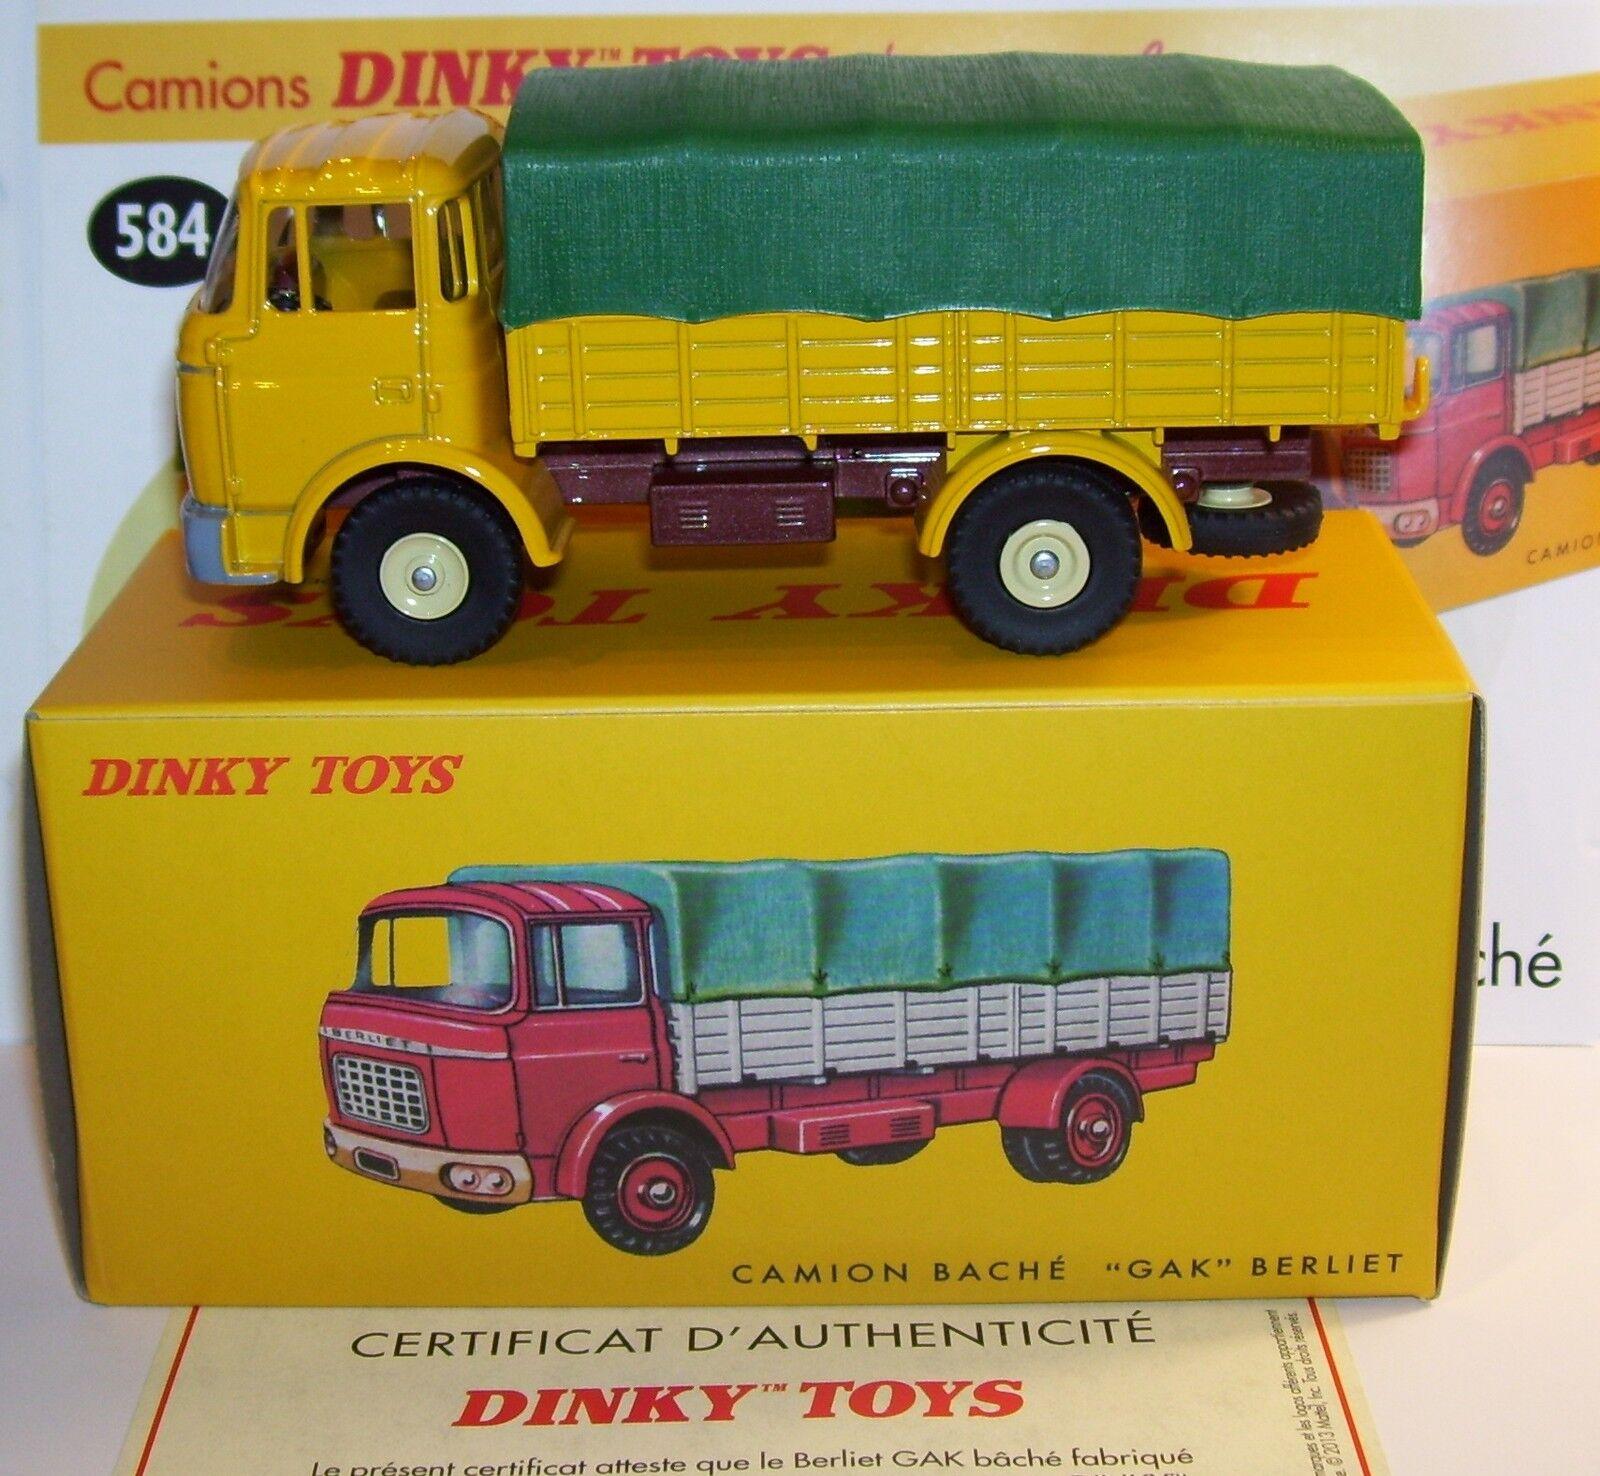 DINKY TOYS ATLAS CAMIÓN BERLIET GAK AMARILLO COBERTOR verde REF 584 EN BOX 1 43